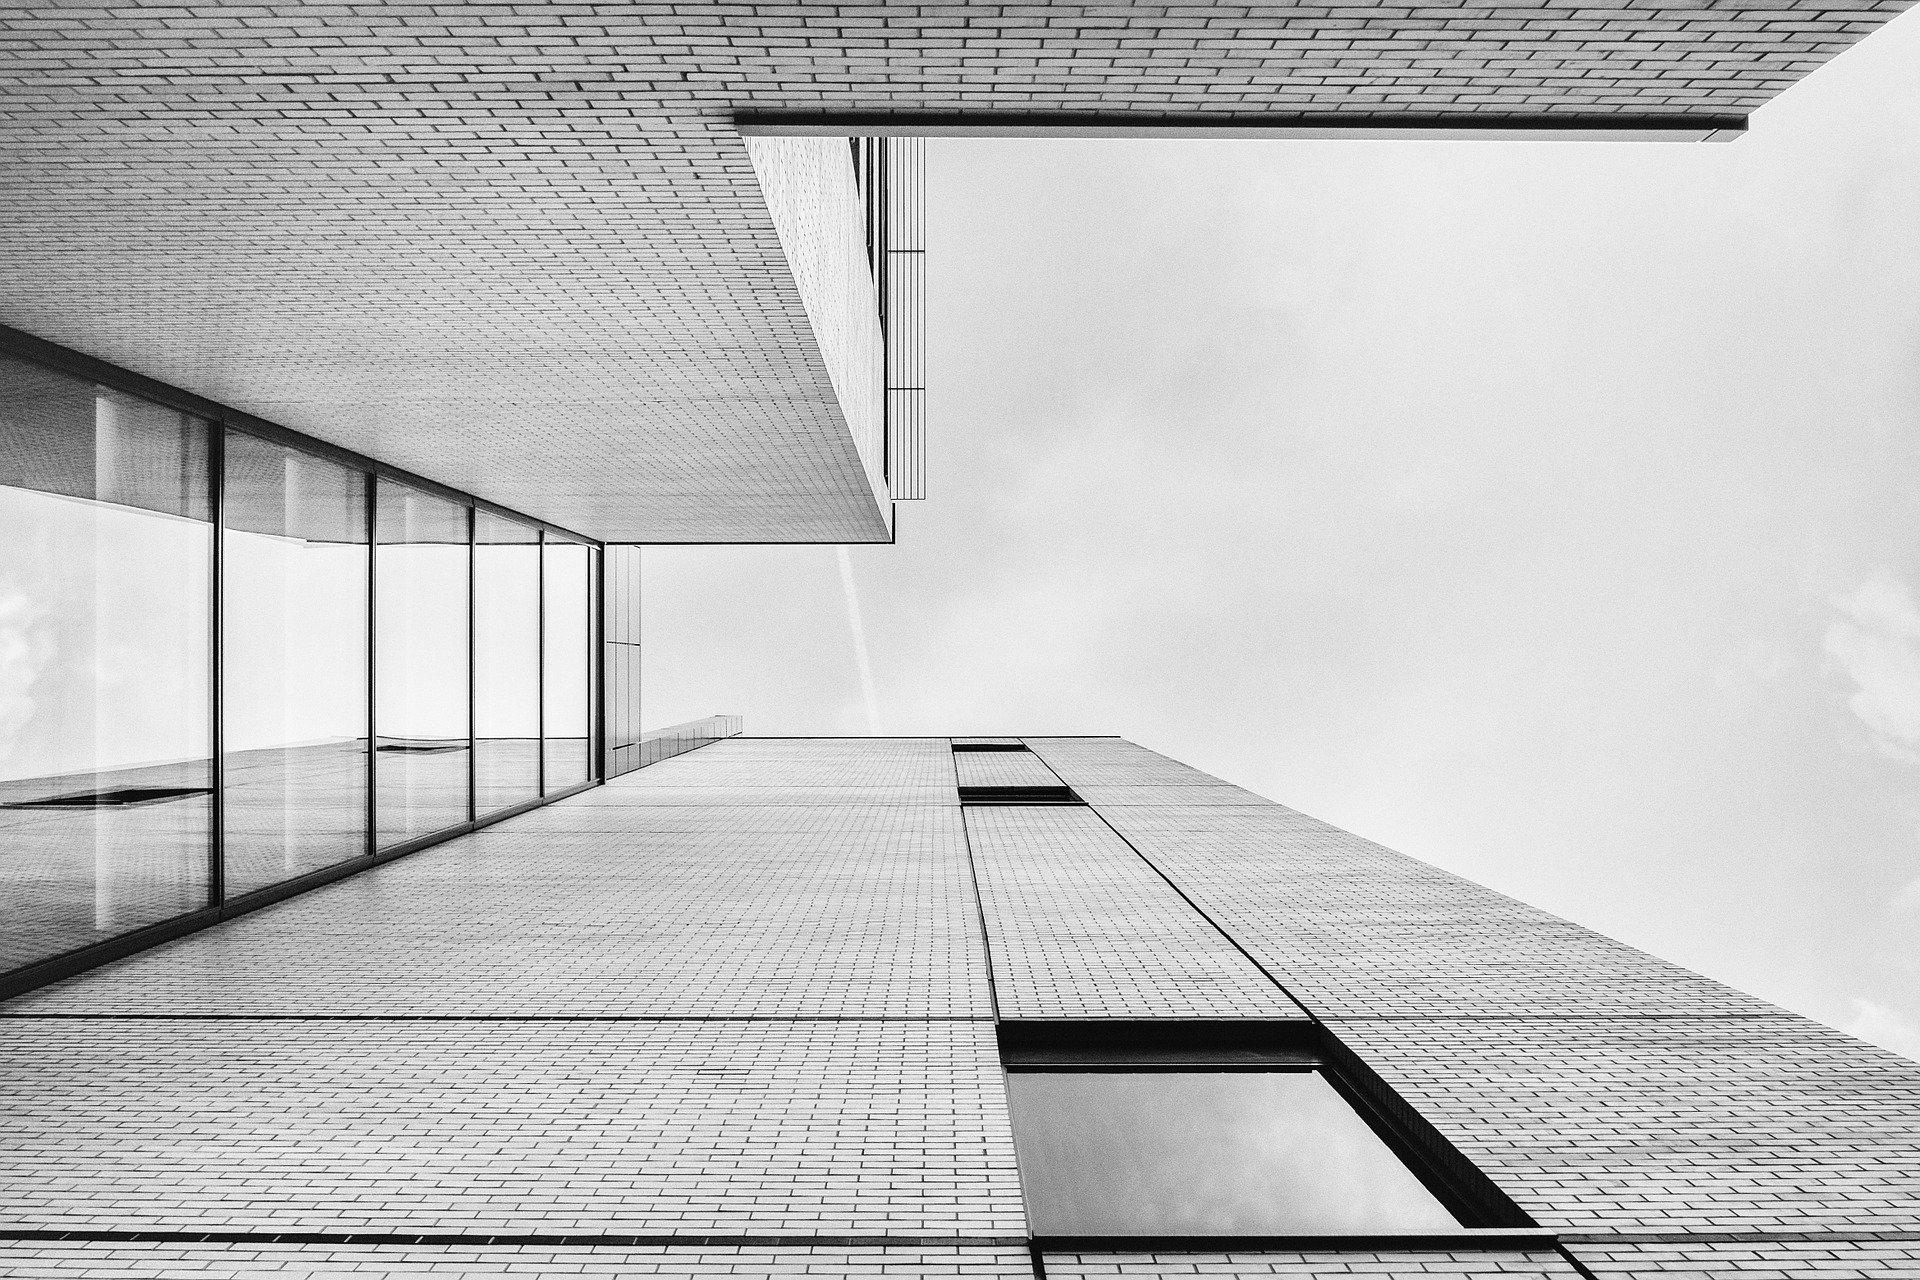 architecture-839362_1920